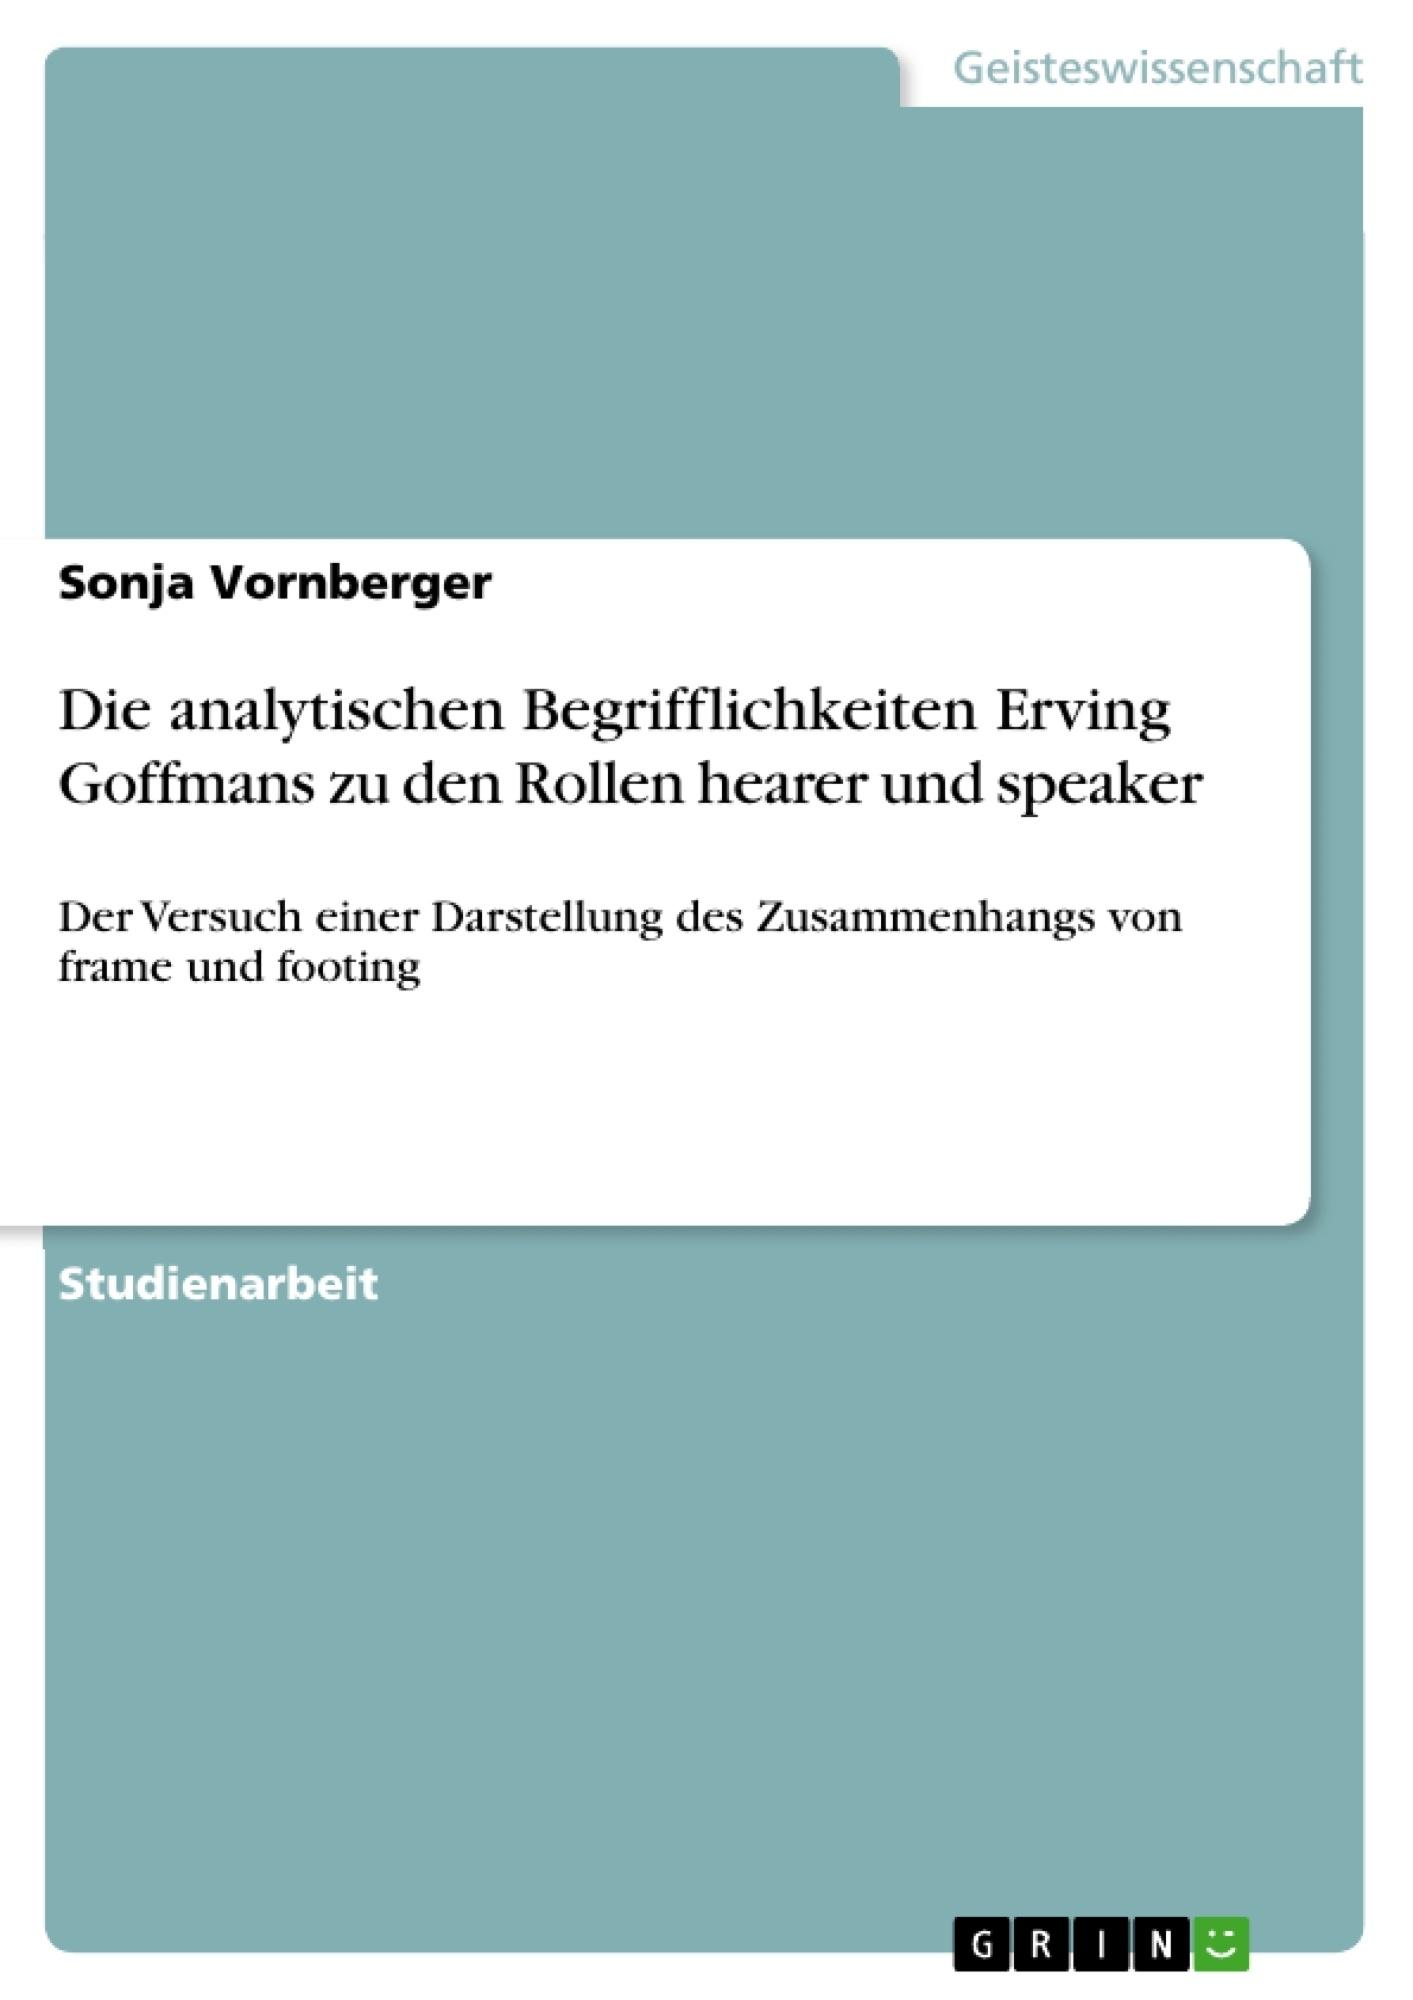 Titel: Die analytischen Begrifflichkeiten Erving Goffmans zu den Rollen hearer und speaker